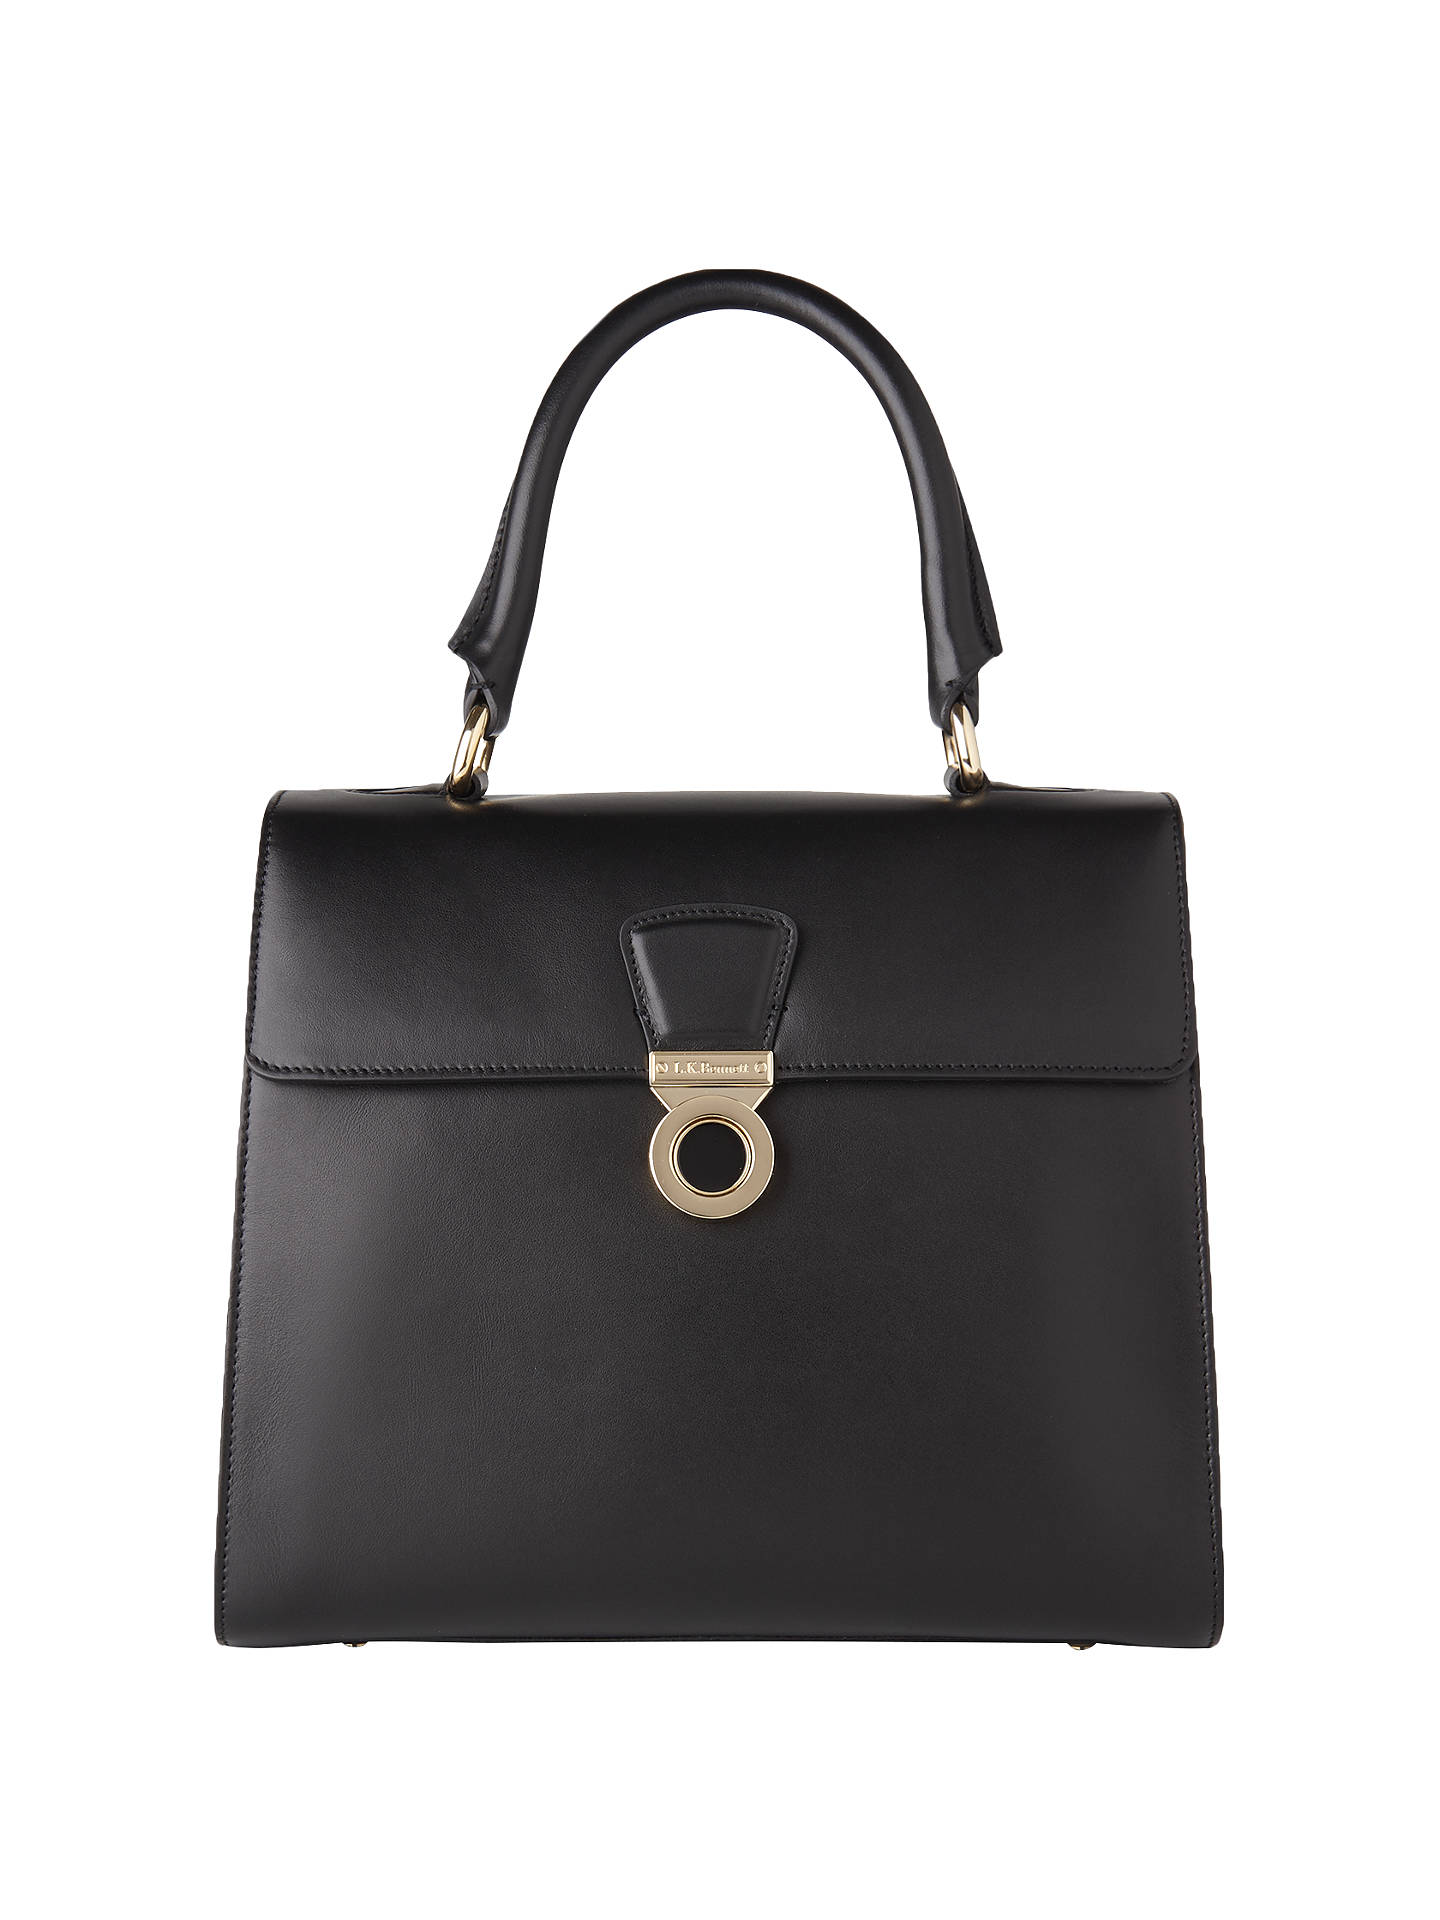 K. Bennett Amy Leather Shoulder Bag, Black Online at johnlewis.com ...